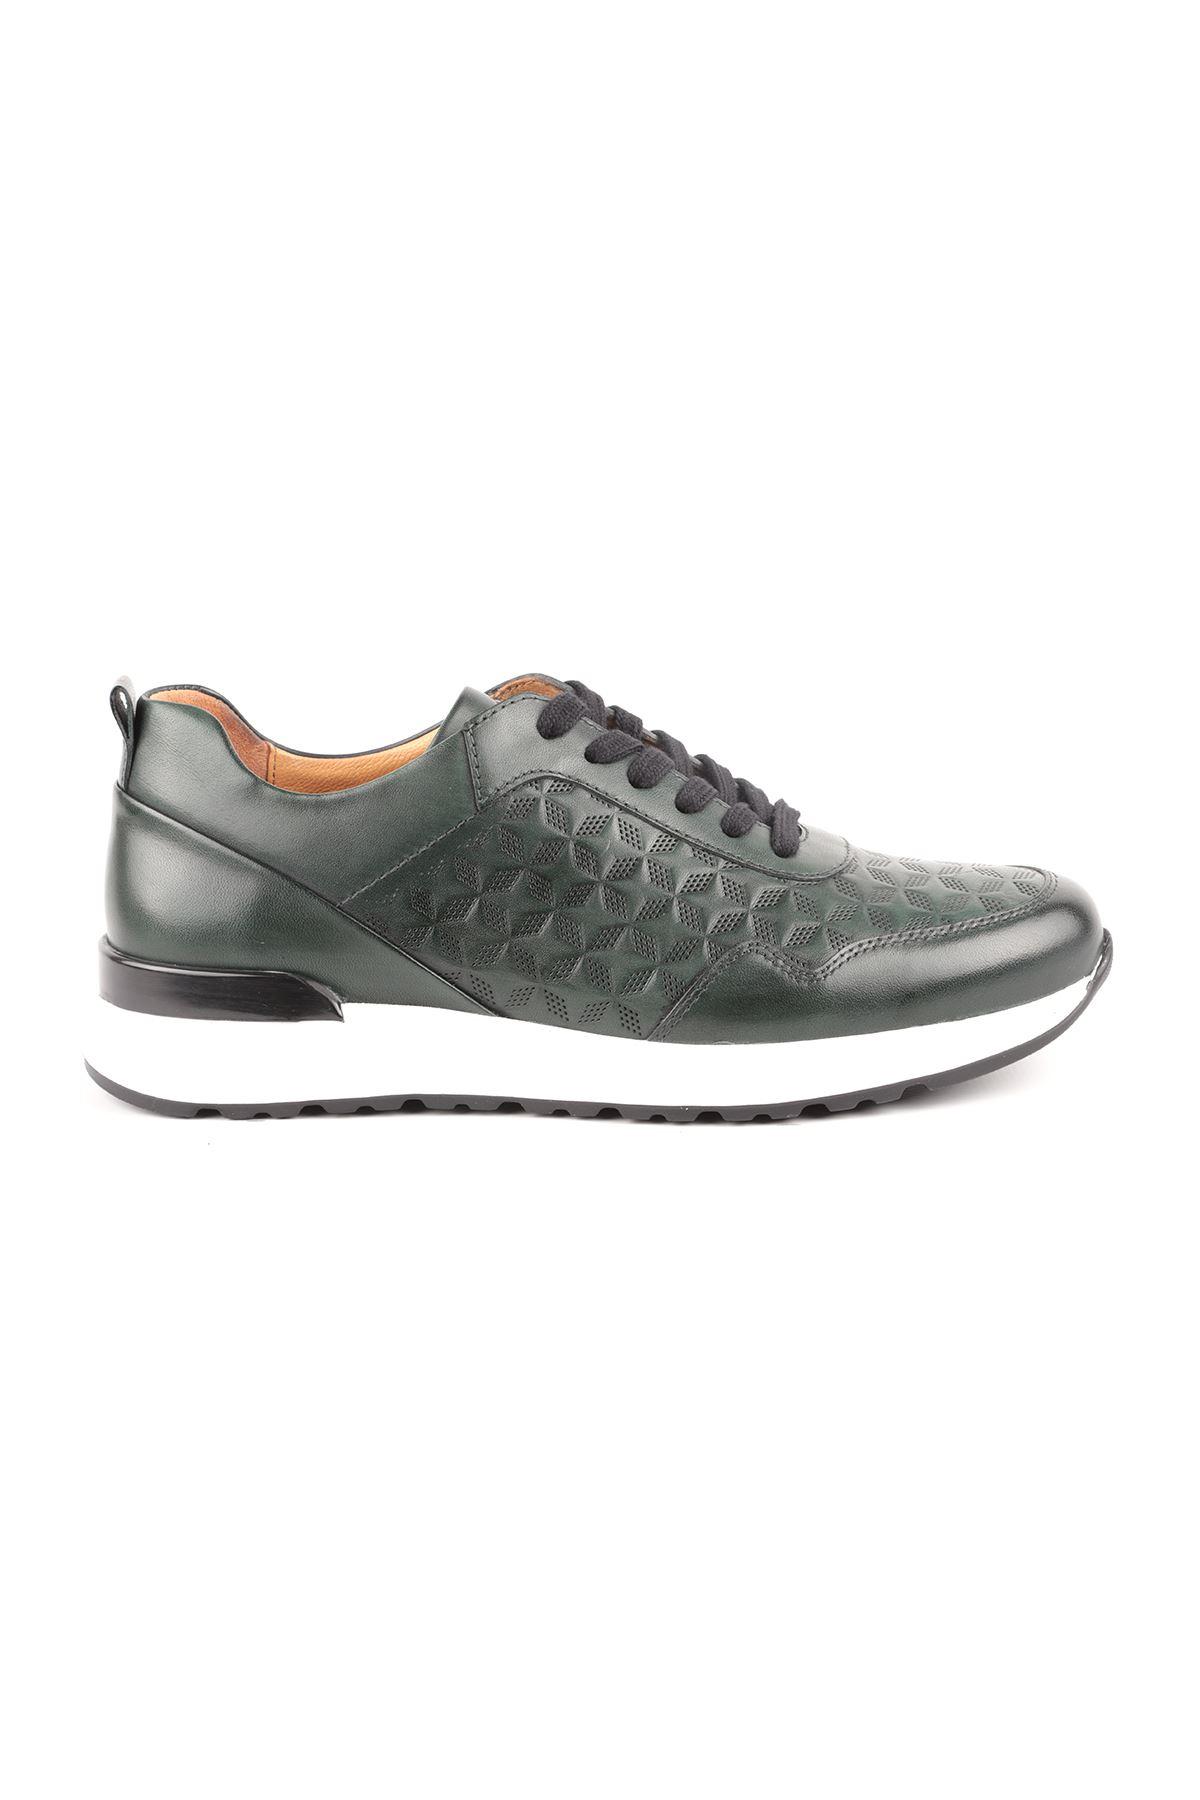 Libero L3752 Haki Erkek Spor Ayakkabı